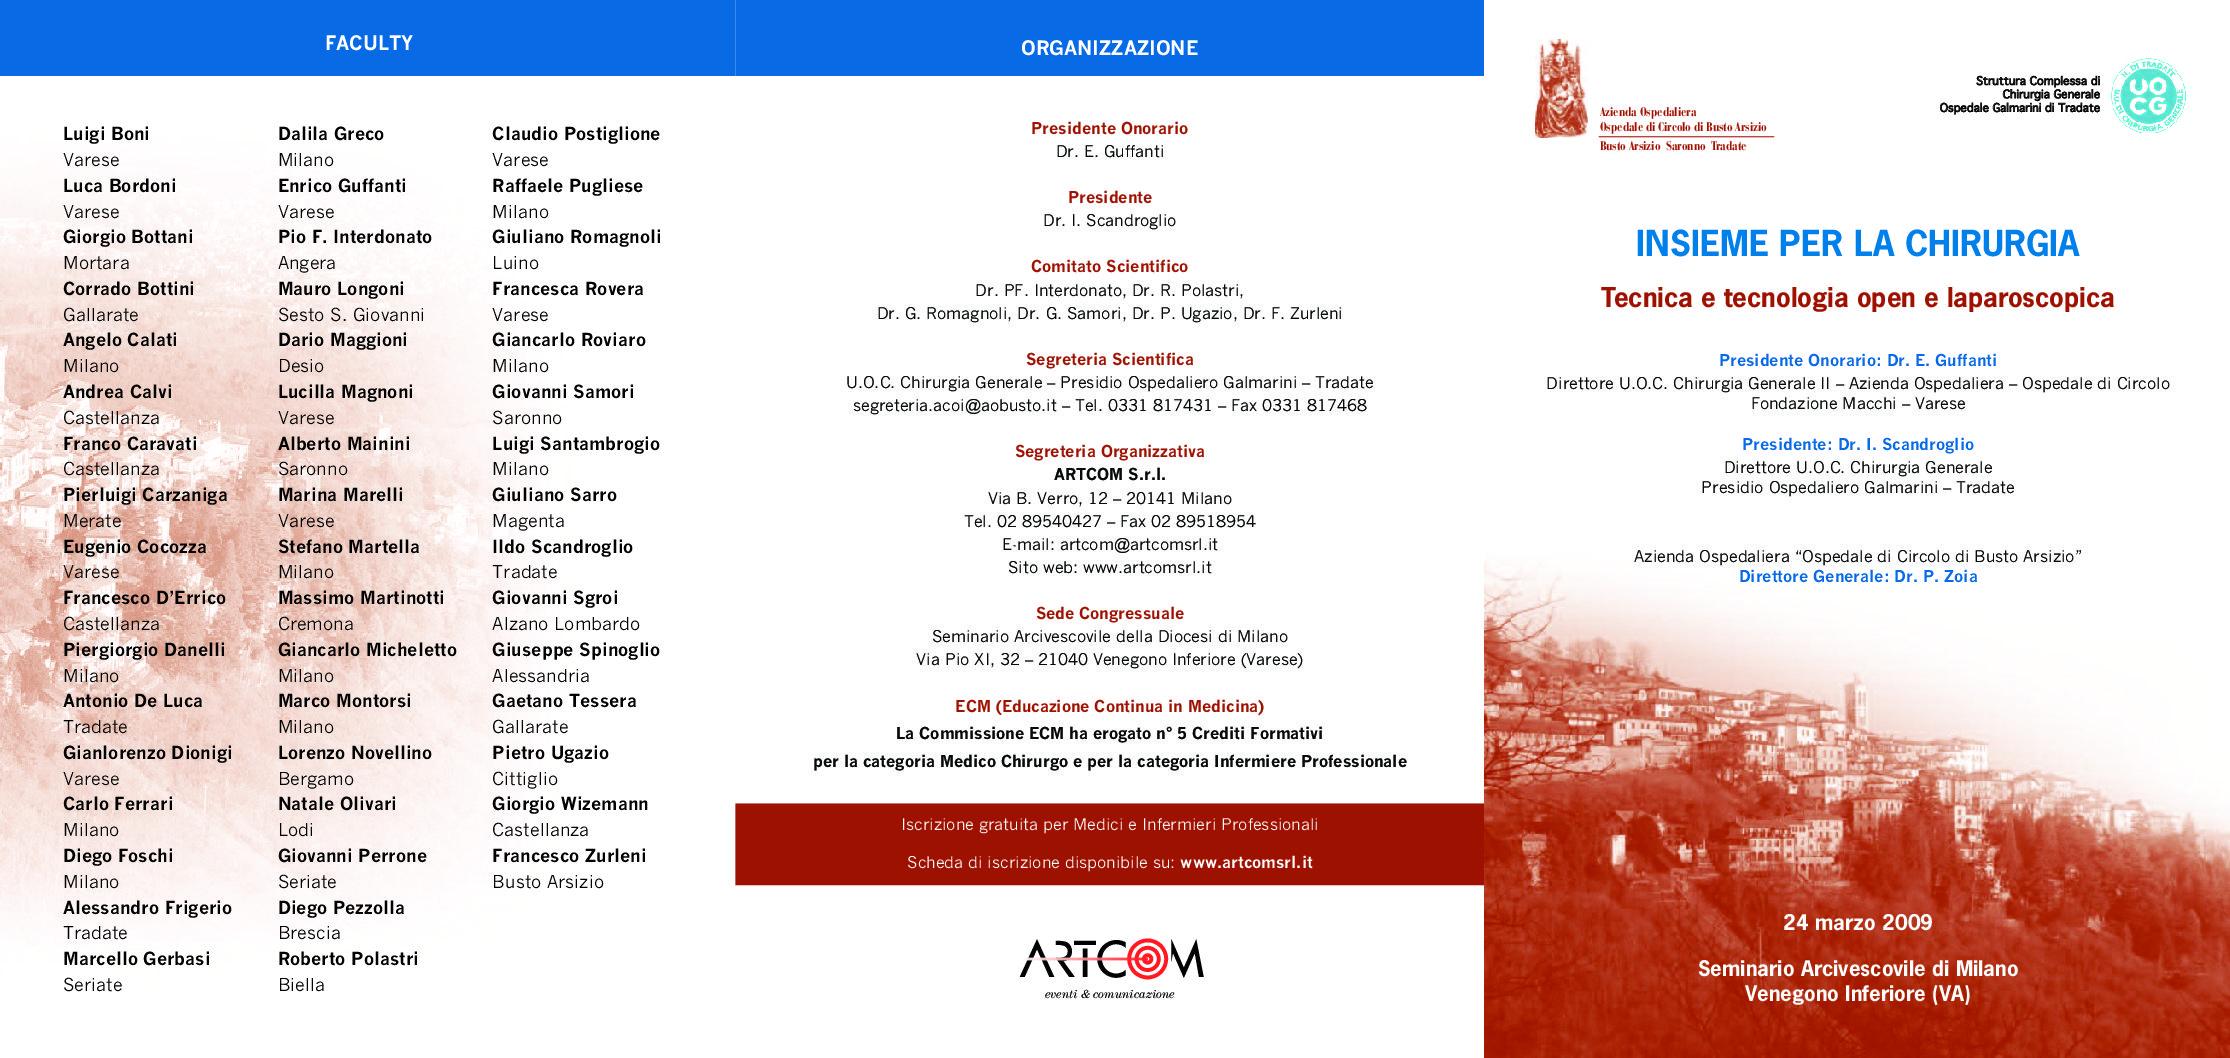 Programma Congresso Insieme per la Chirurgia tradate varese 2009